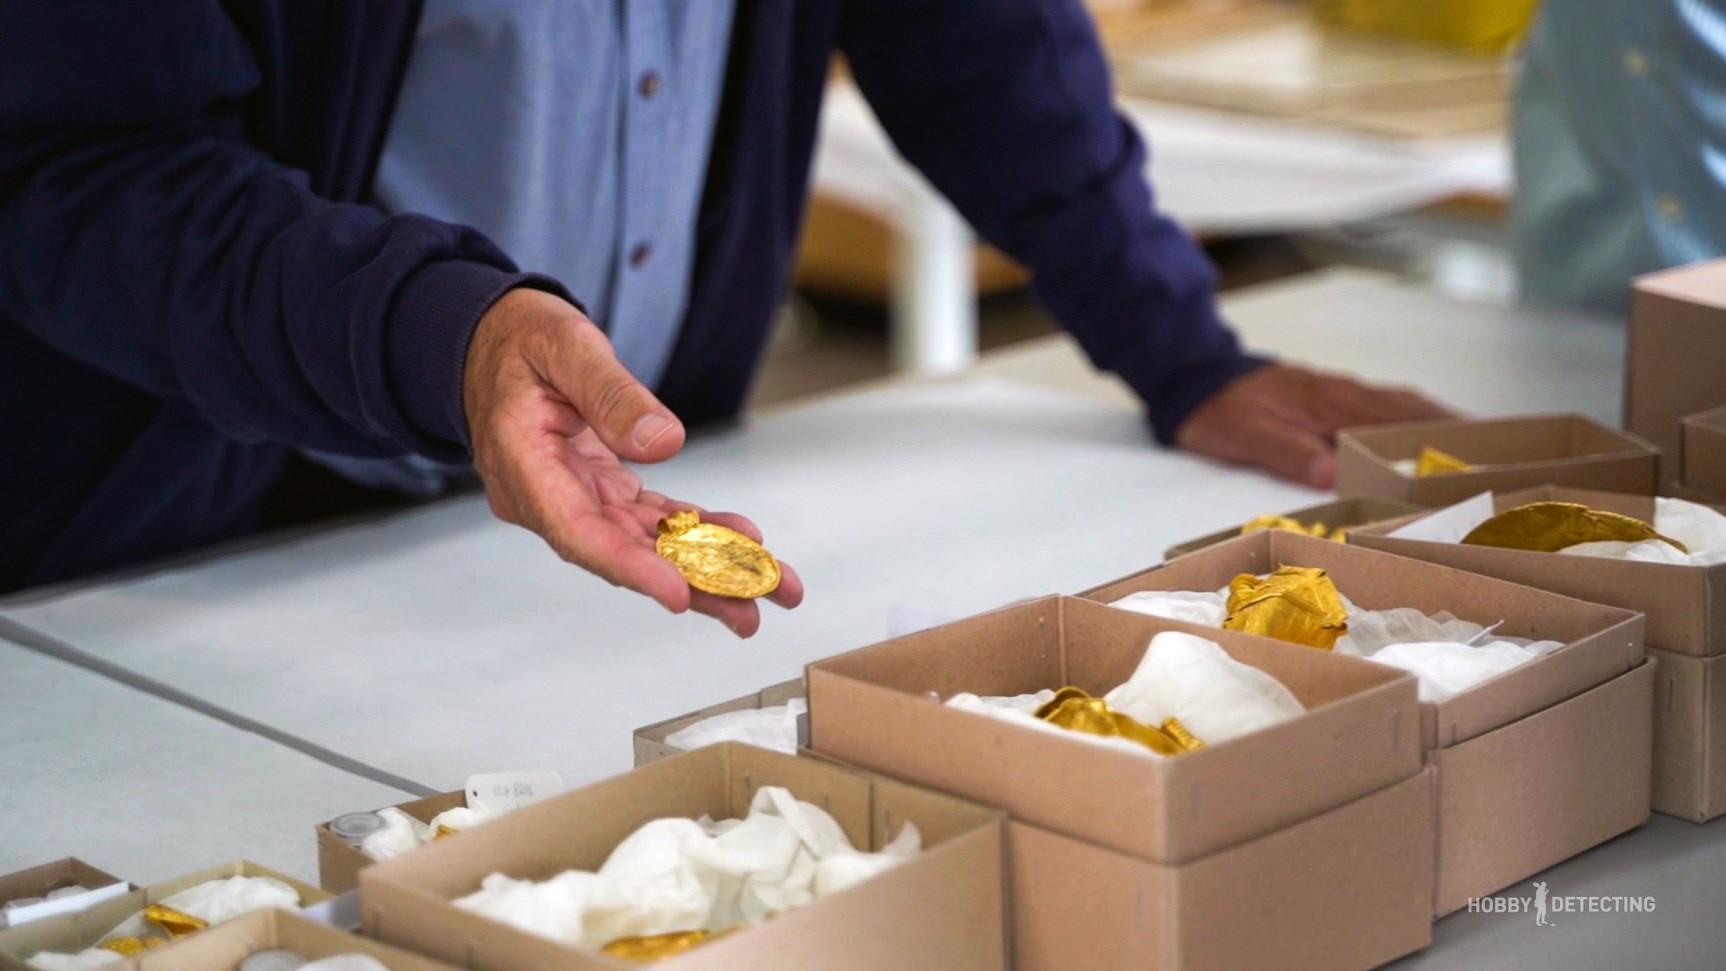 В Дании кладоискатель нашел уникальные золотые сокровища весом почти в килограмм